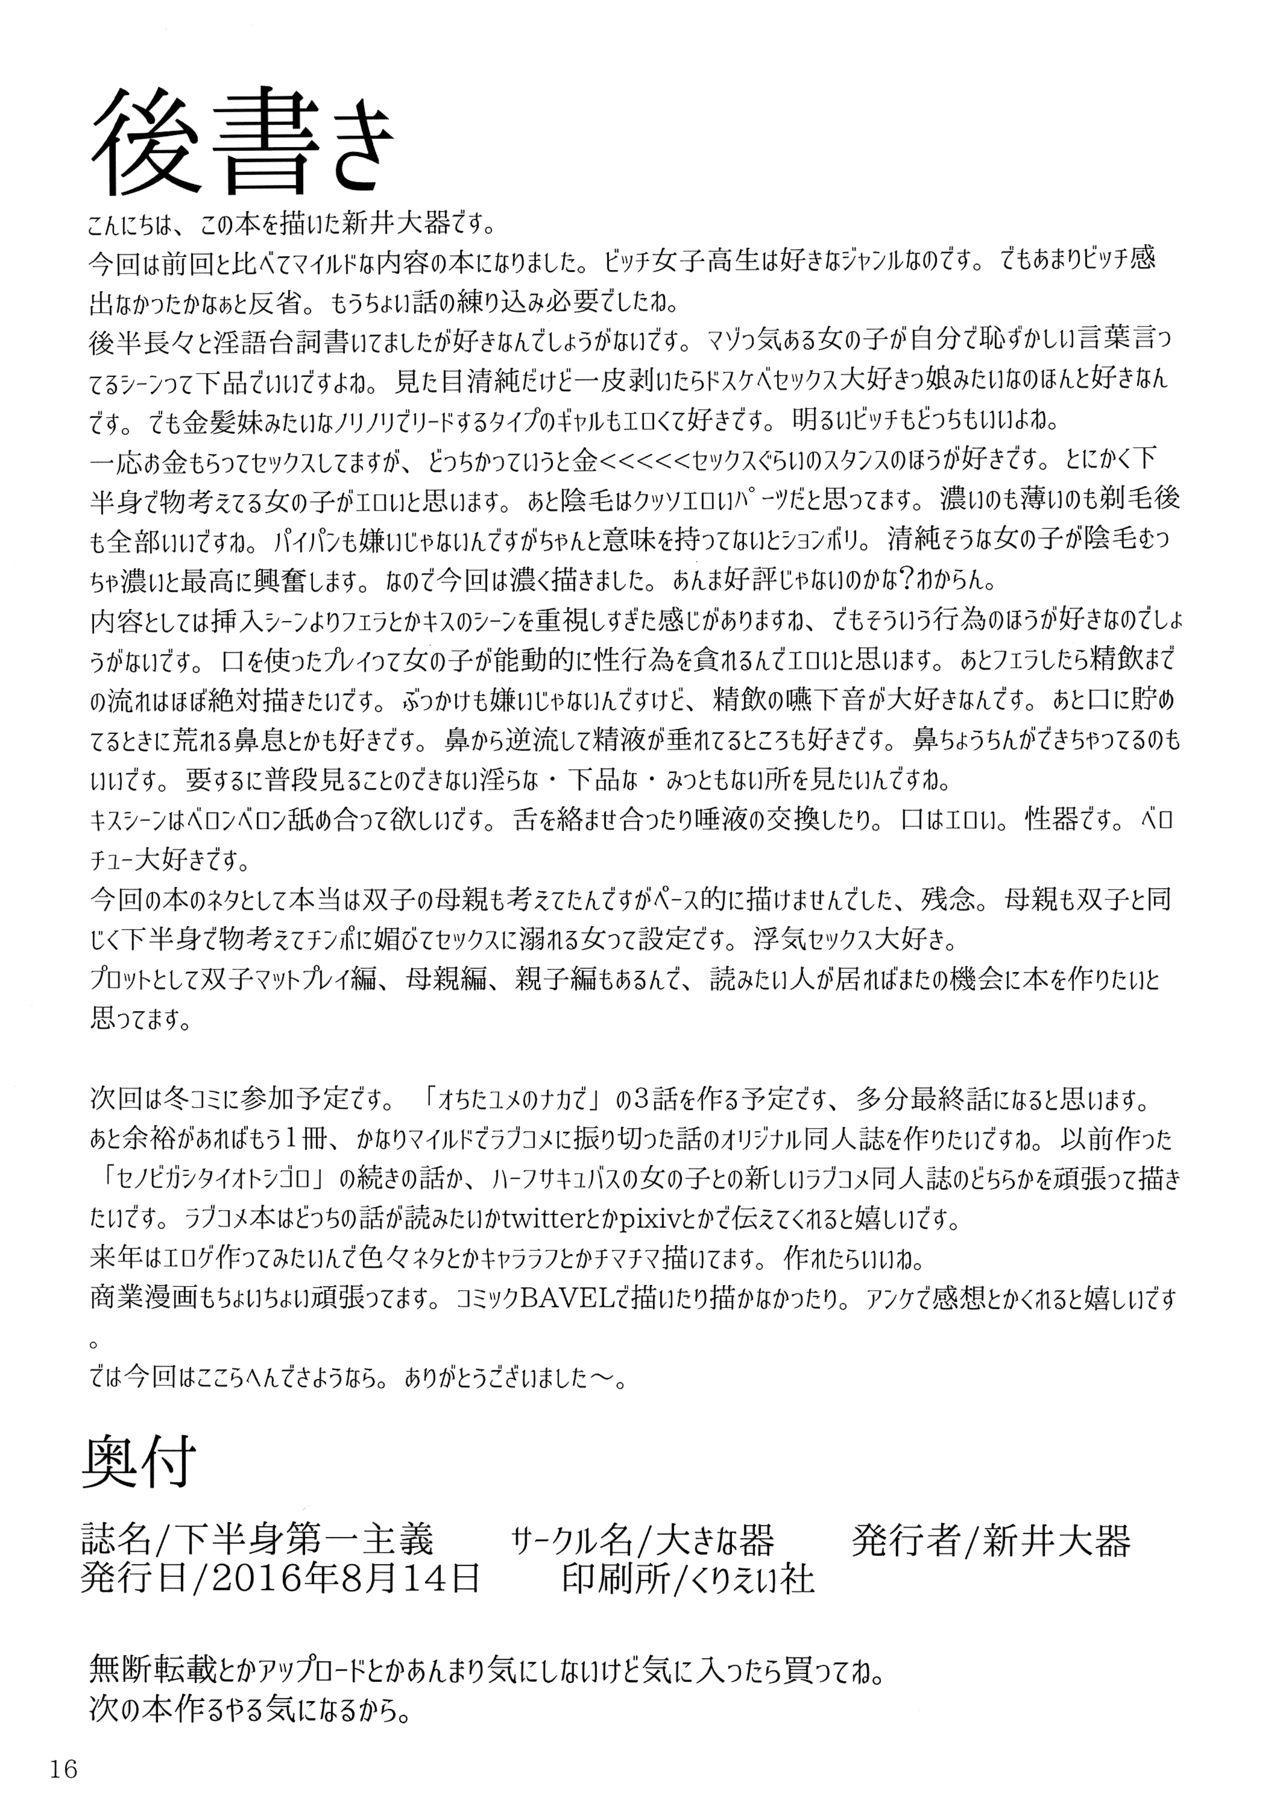 Kahanshin Daiichi Shugi 16